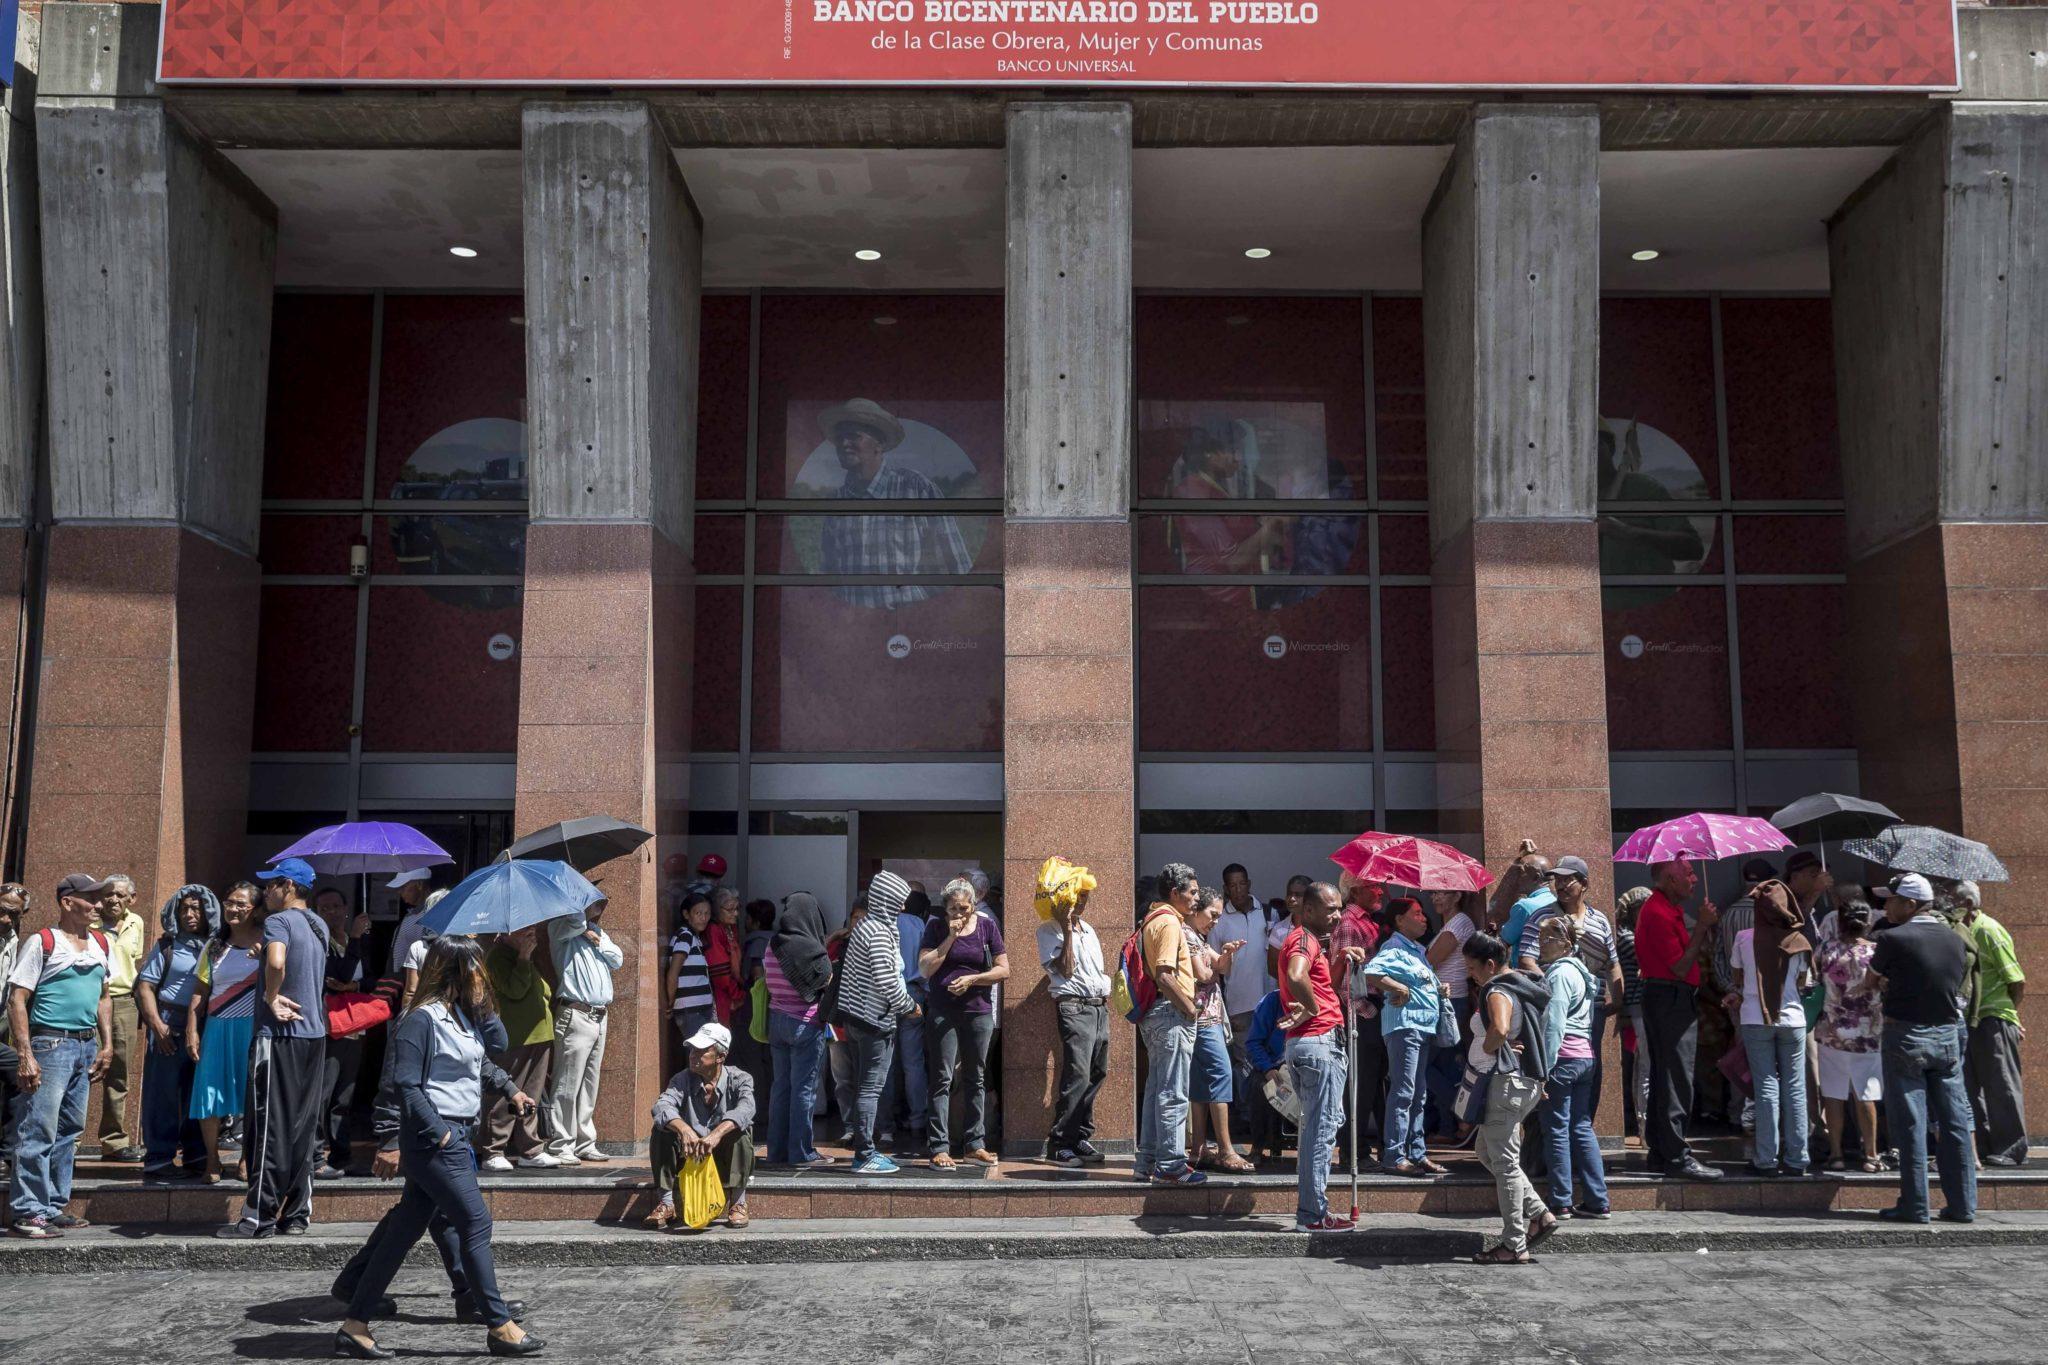 Caracas: ludzie czekają przy wejściu do banku, aby zebrać emerytury. Kryzys ekonomiczny w Wenezueli coraz bardziej się pogłębia. Nie pomaga ręczne sterowanie gospodarką przez prezydenta Maduro, fot. Miguel Gutierrez, PAP/EPA